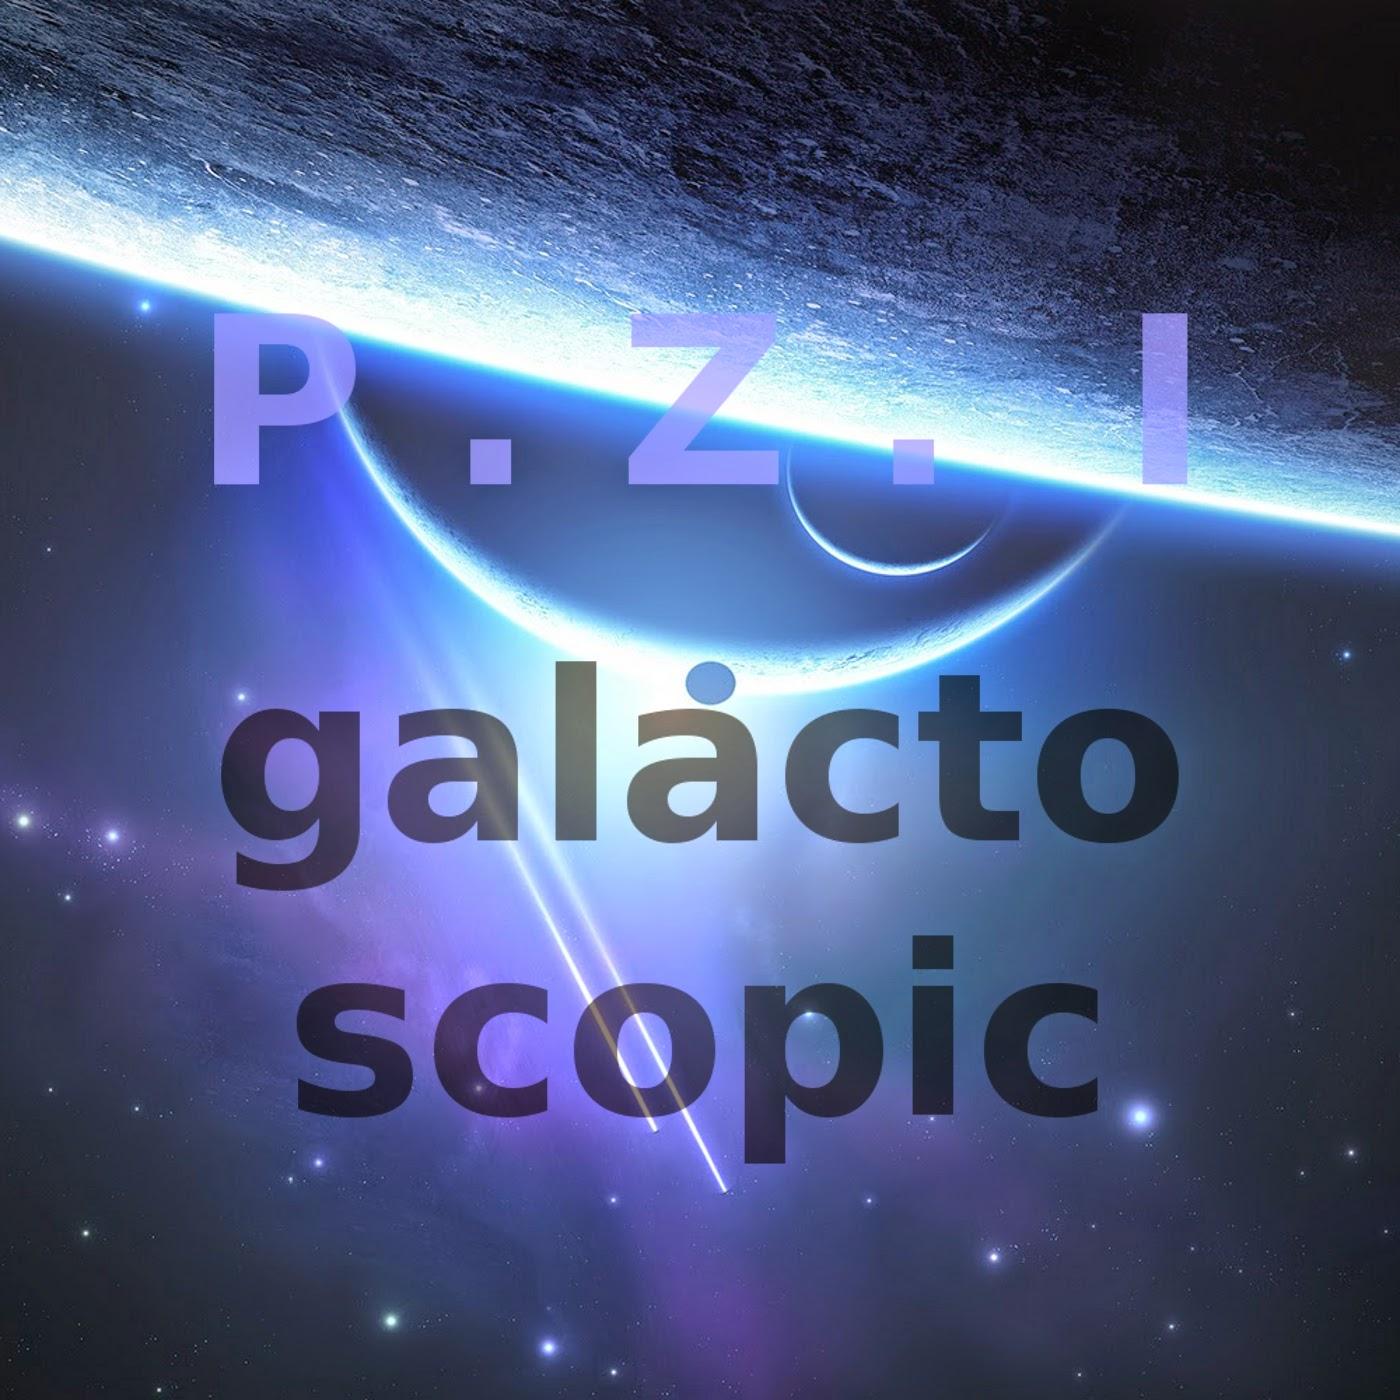 http://www.p-z-i.com/2014/07/galactoscopic-album.html